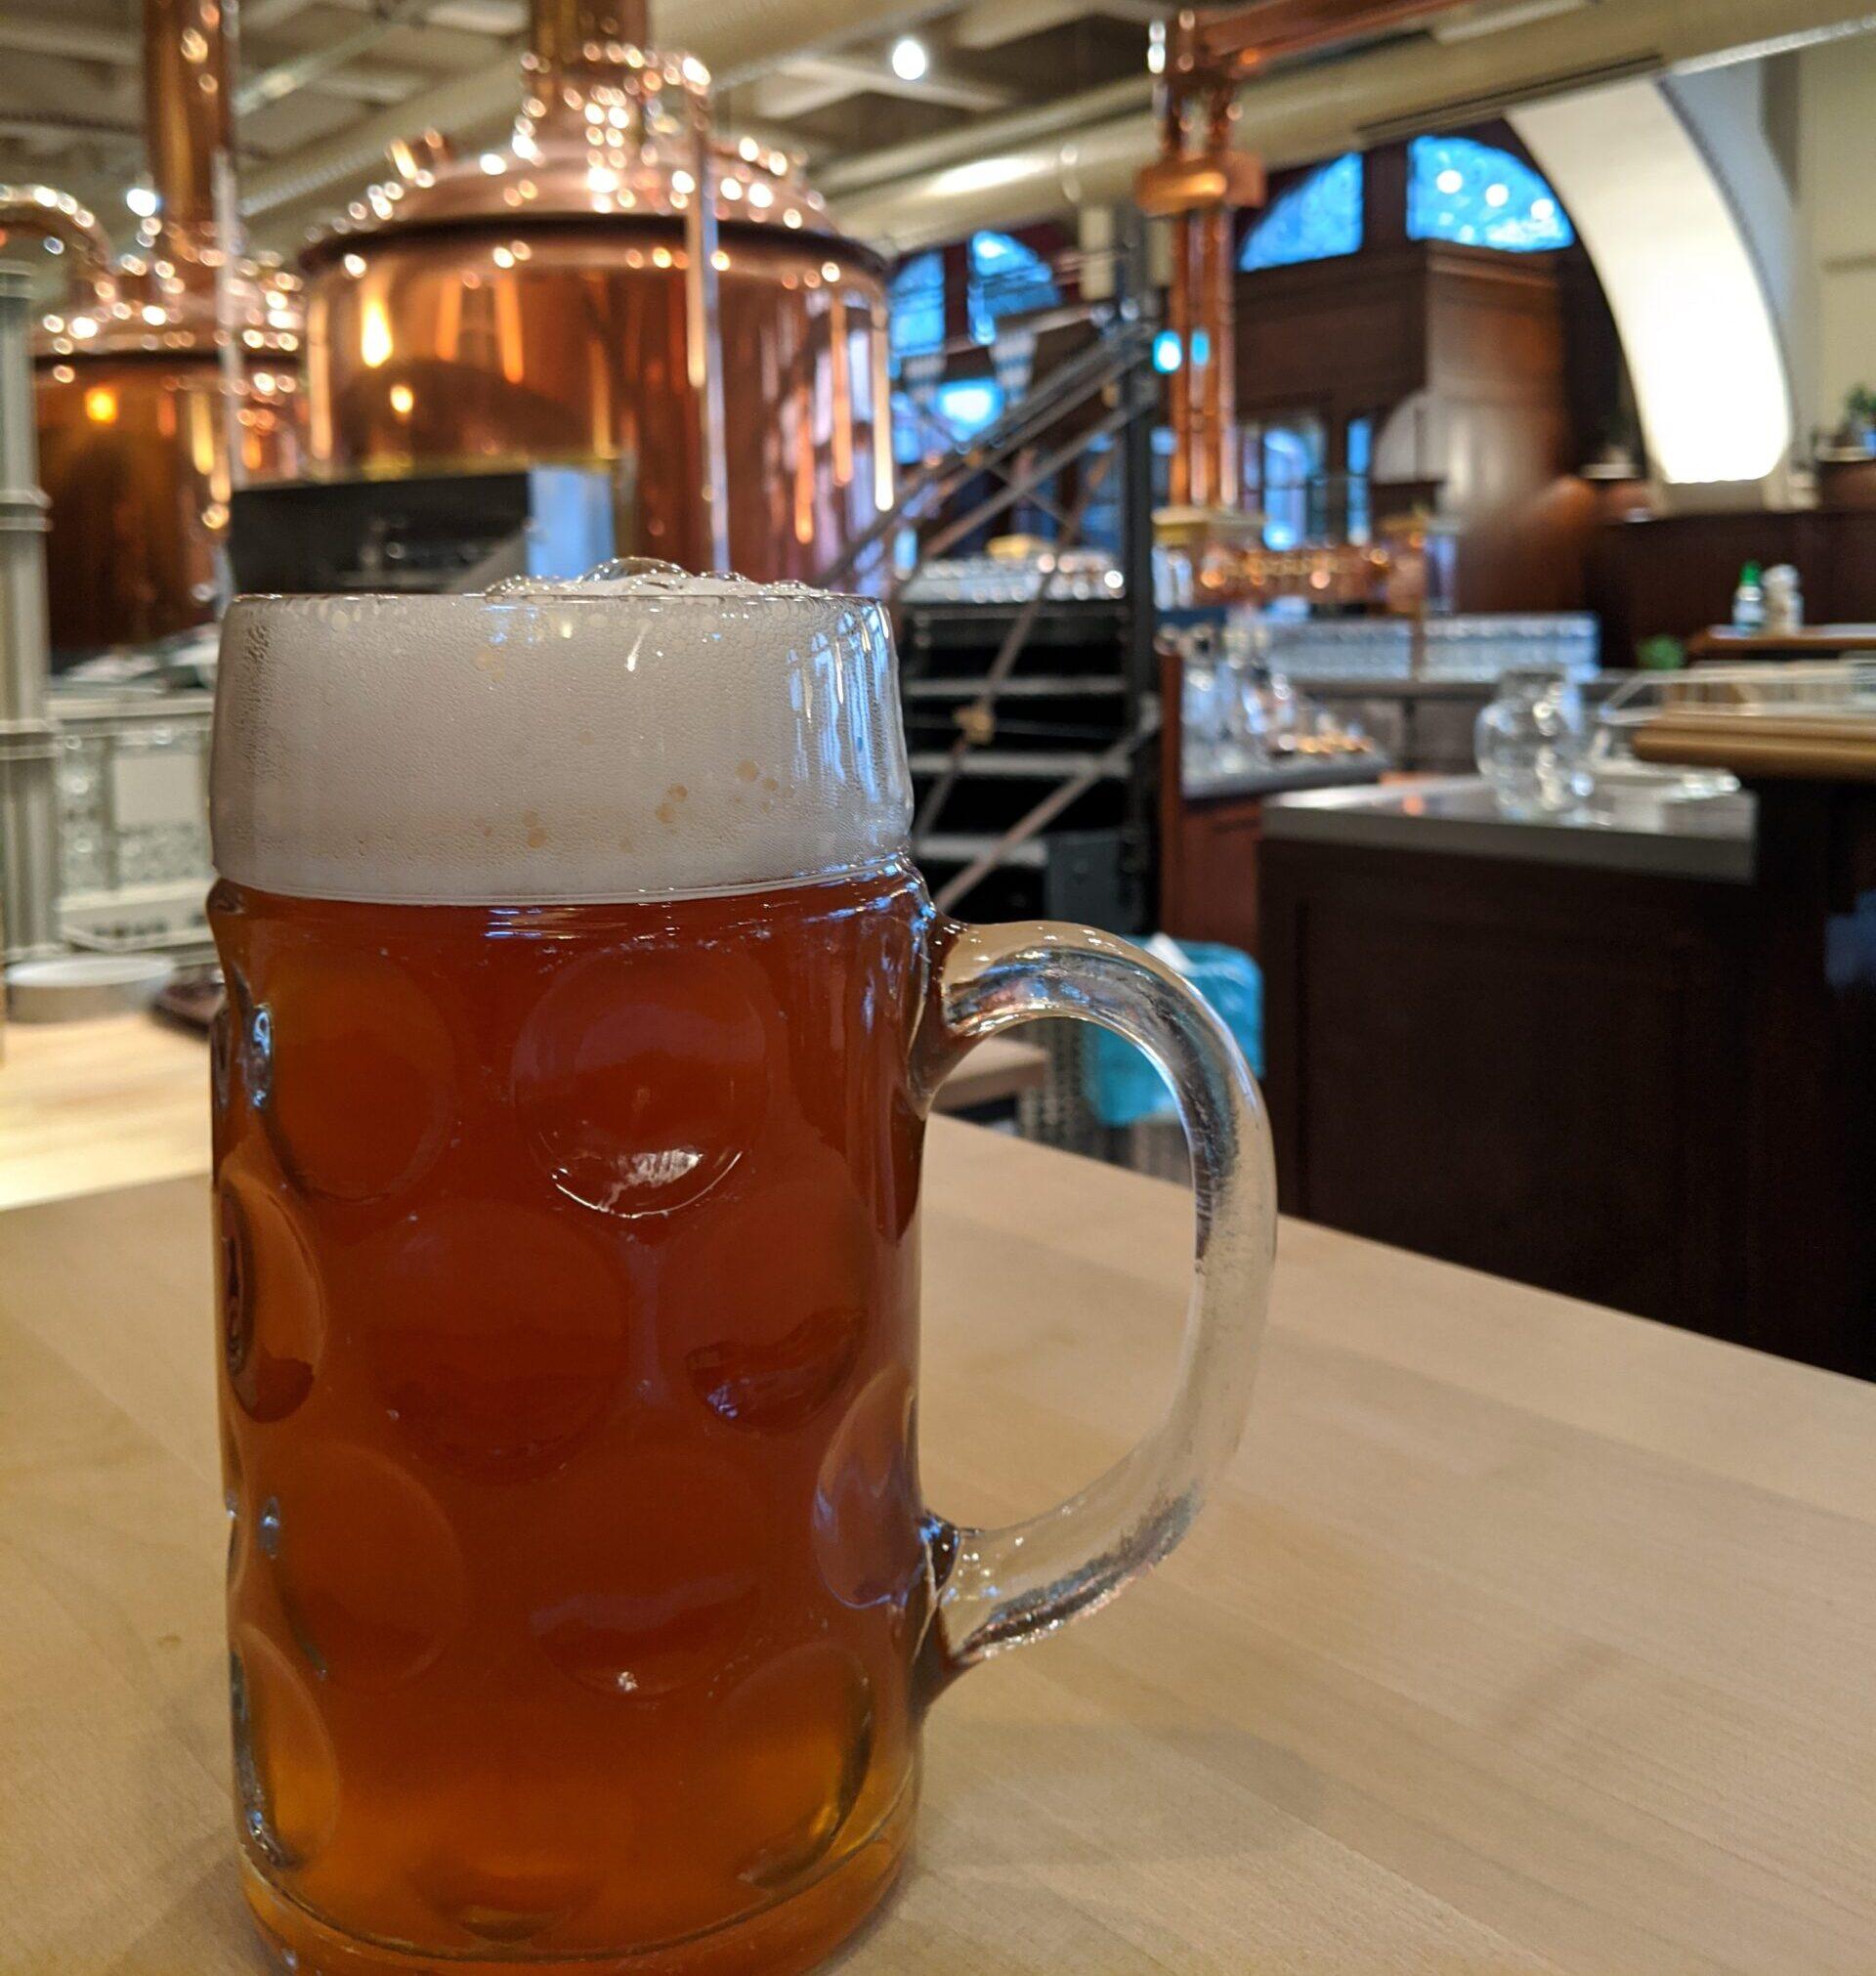 wheat beer german weizen beer